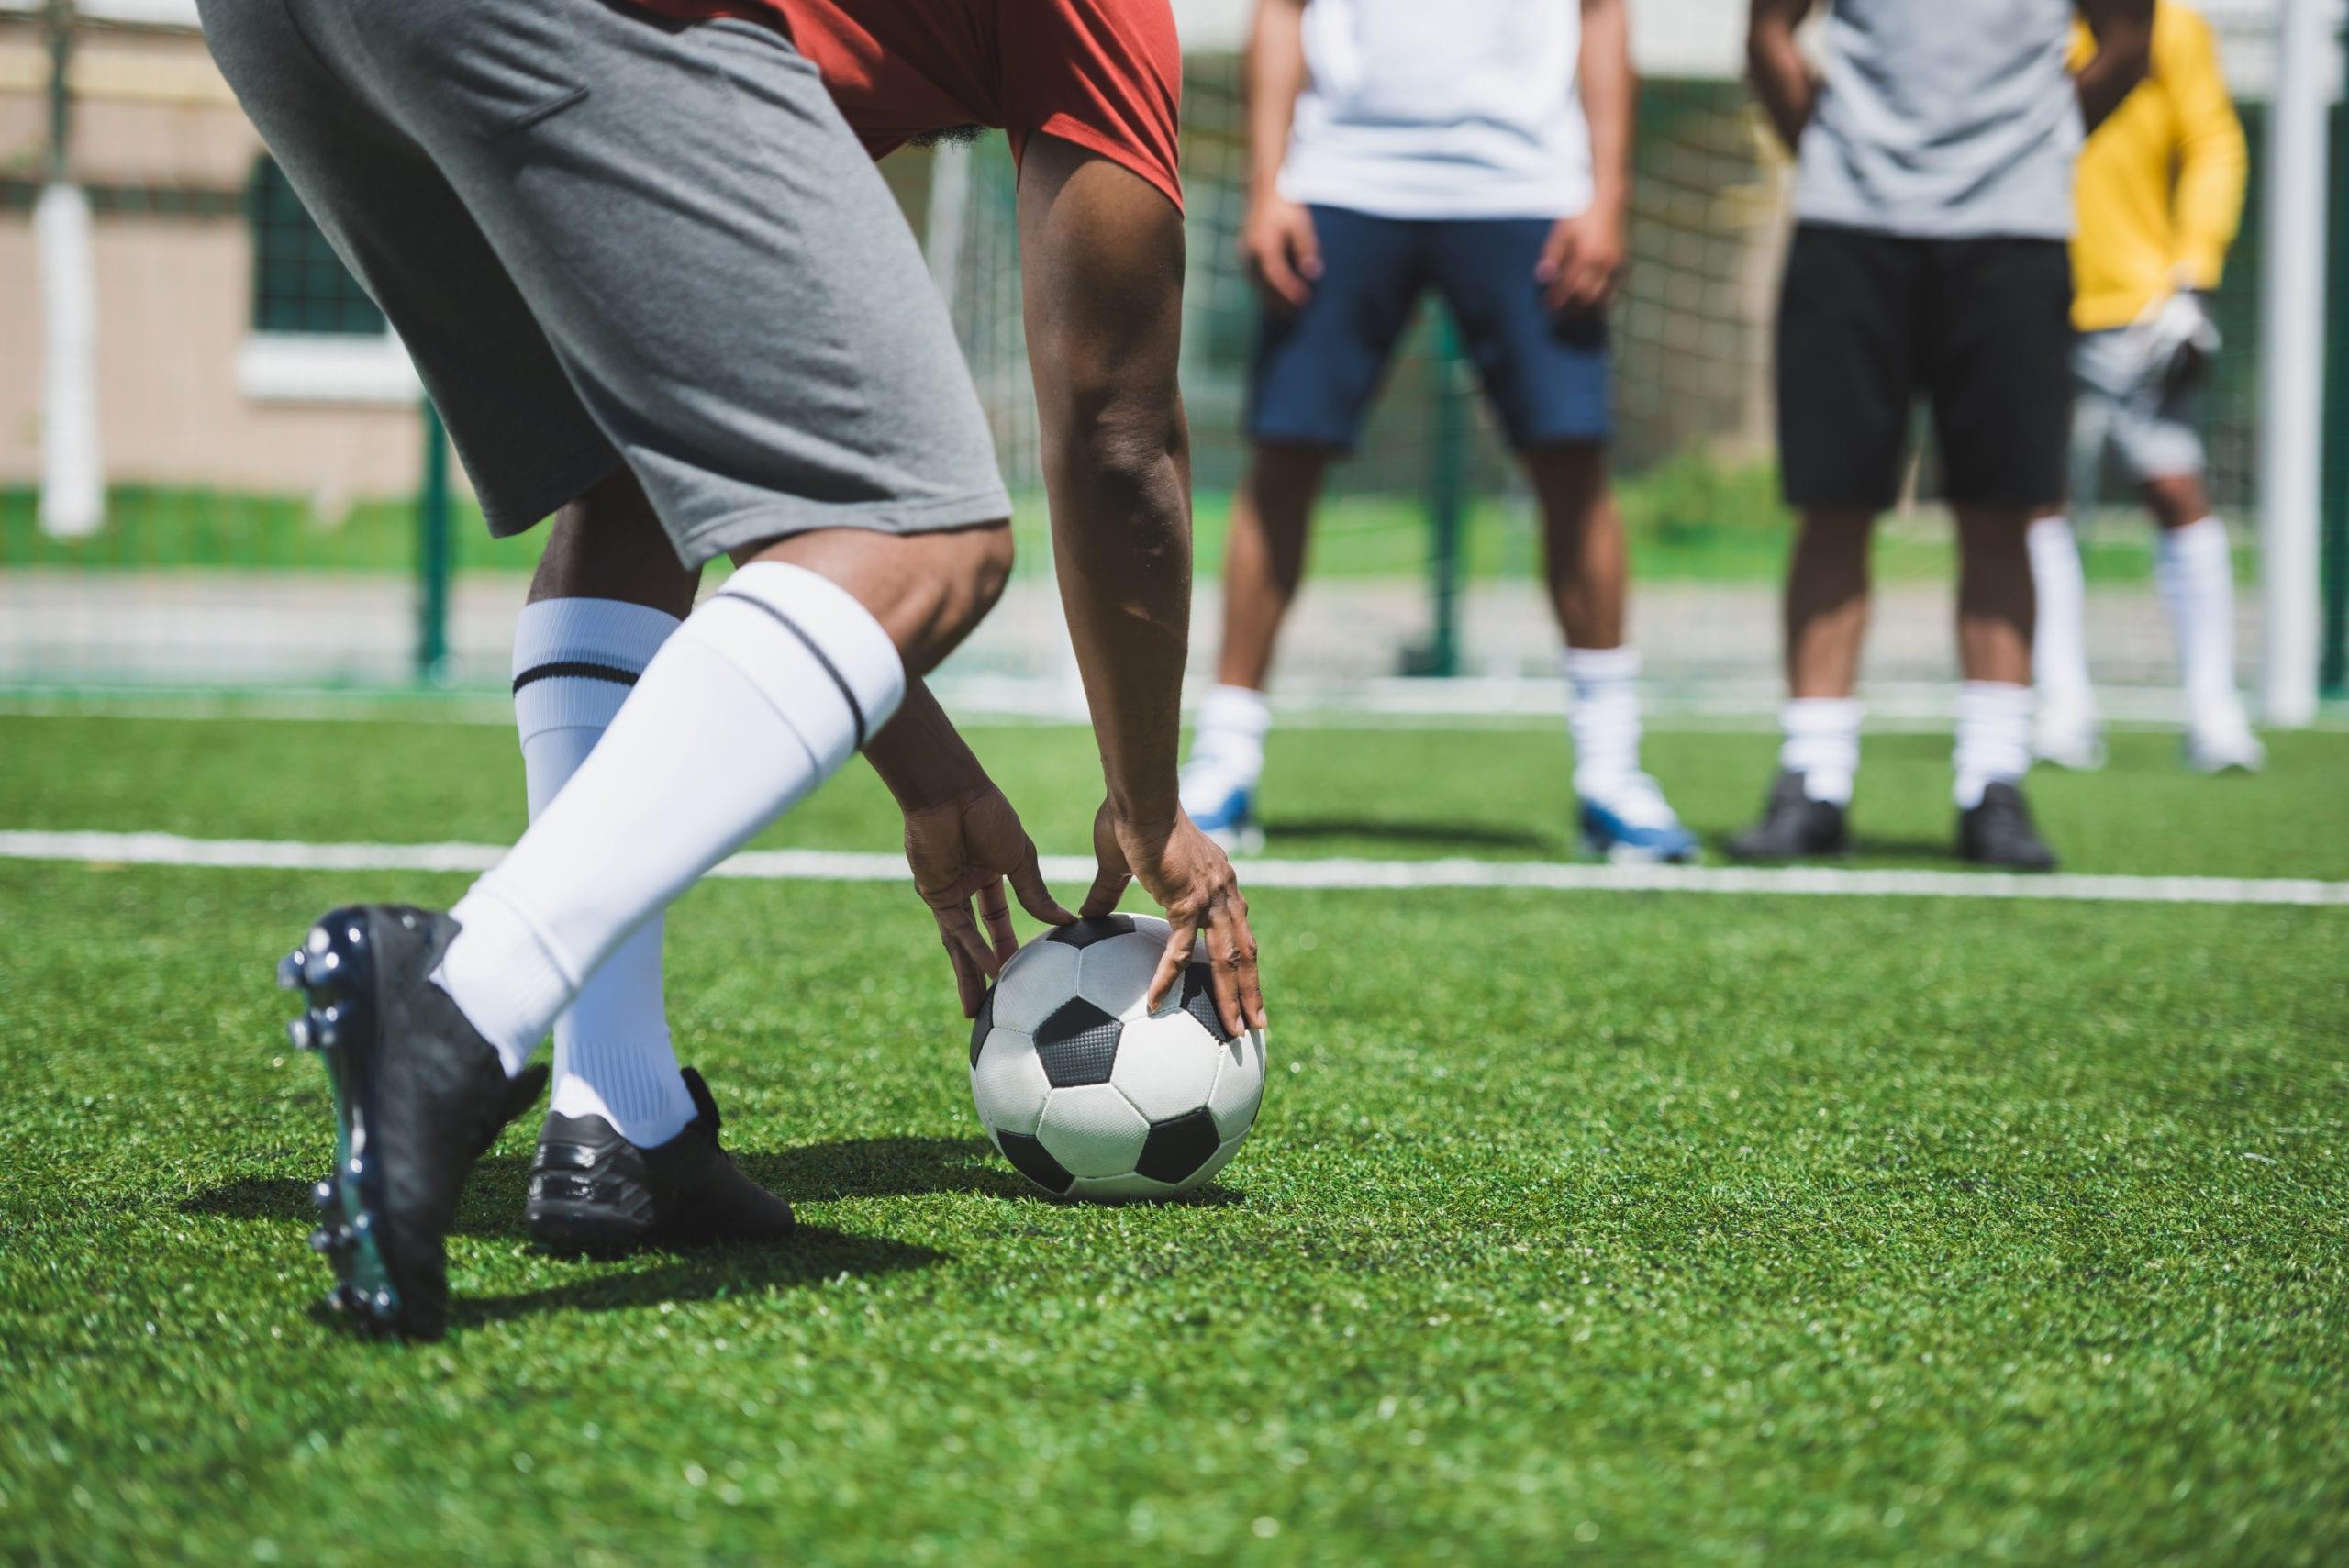 futebol pelada